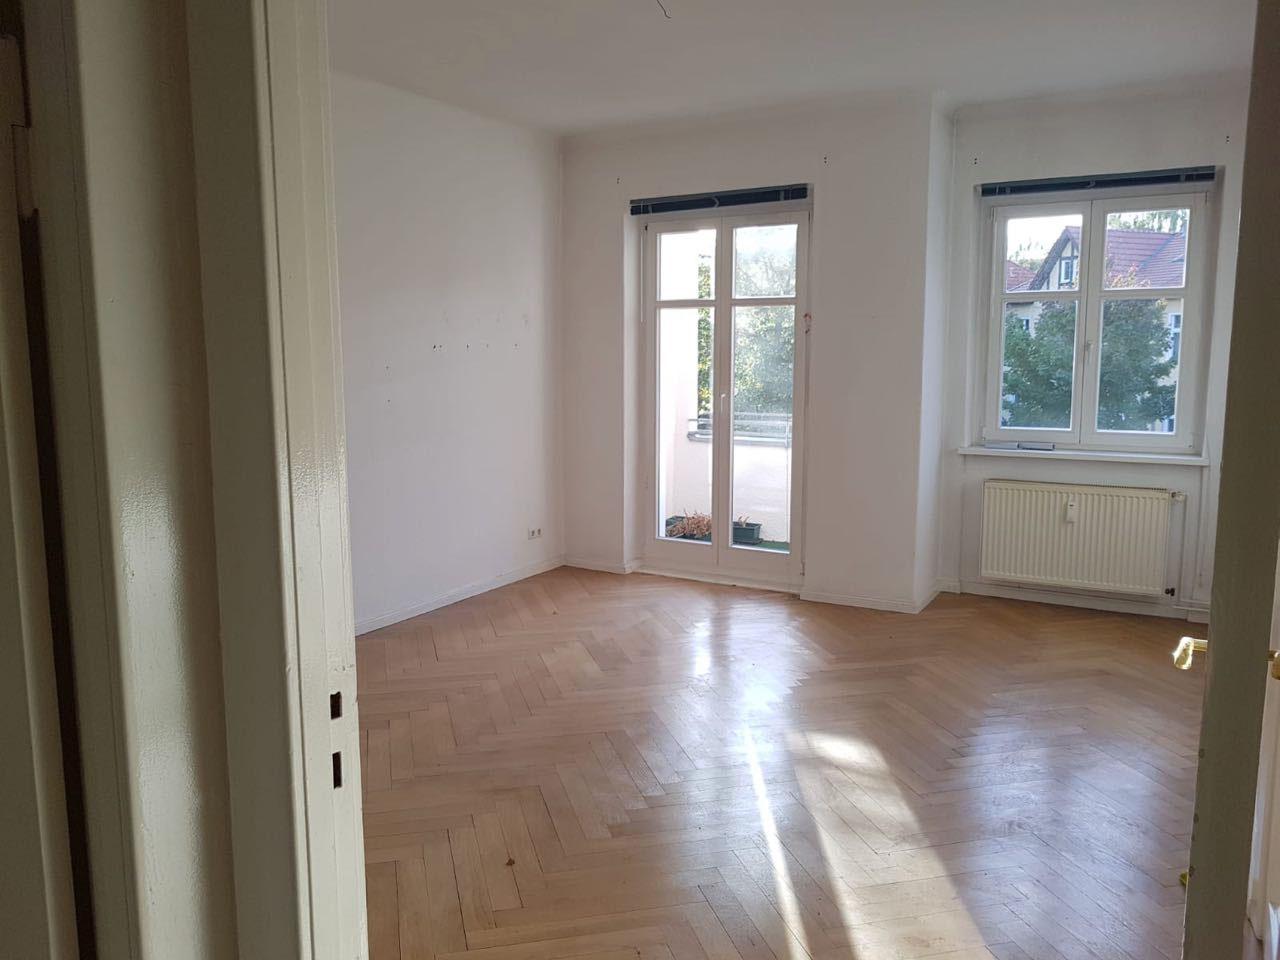 parkett dielen schleifen karl egon strasse karlshorst berlin dielendesign dielen parkett. Black Bedroom Furniture Sets. Home Design Ideas